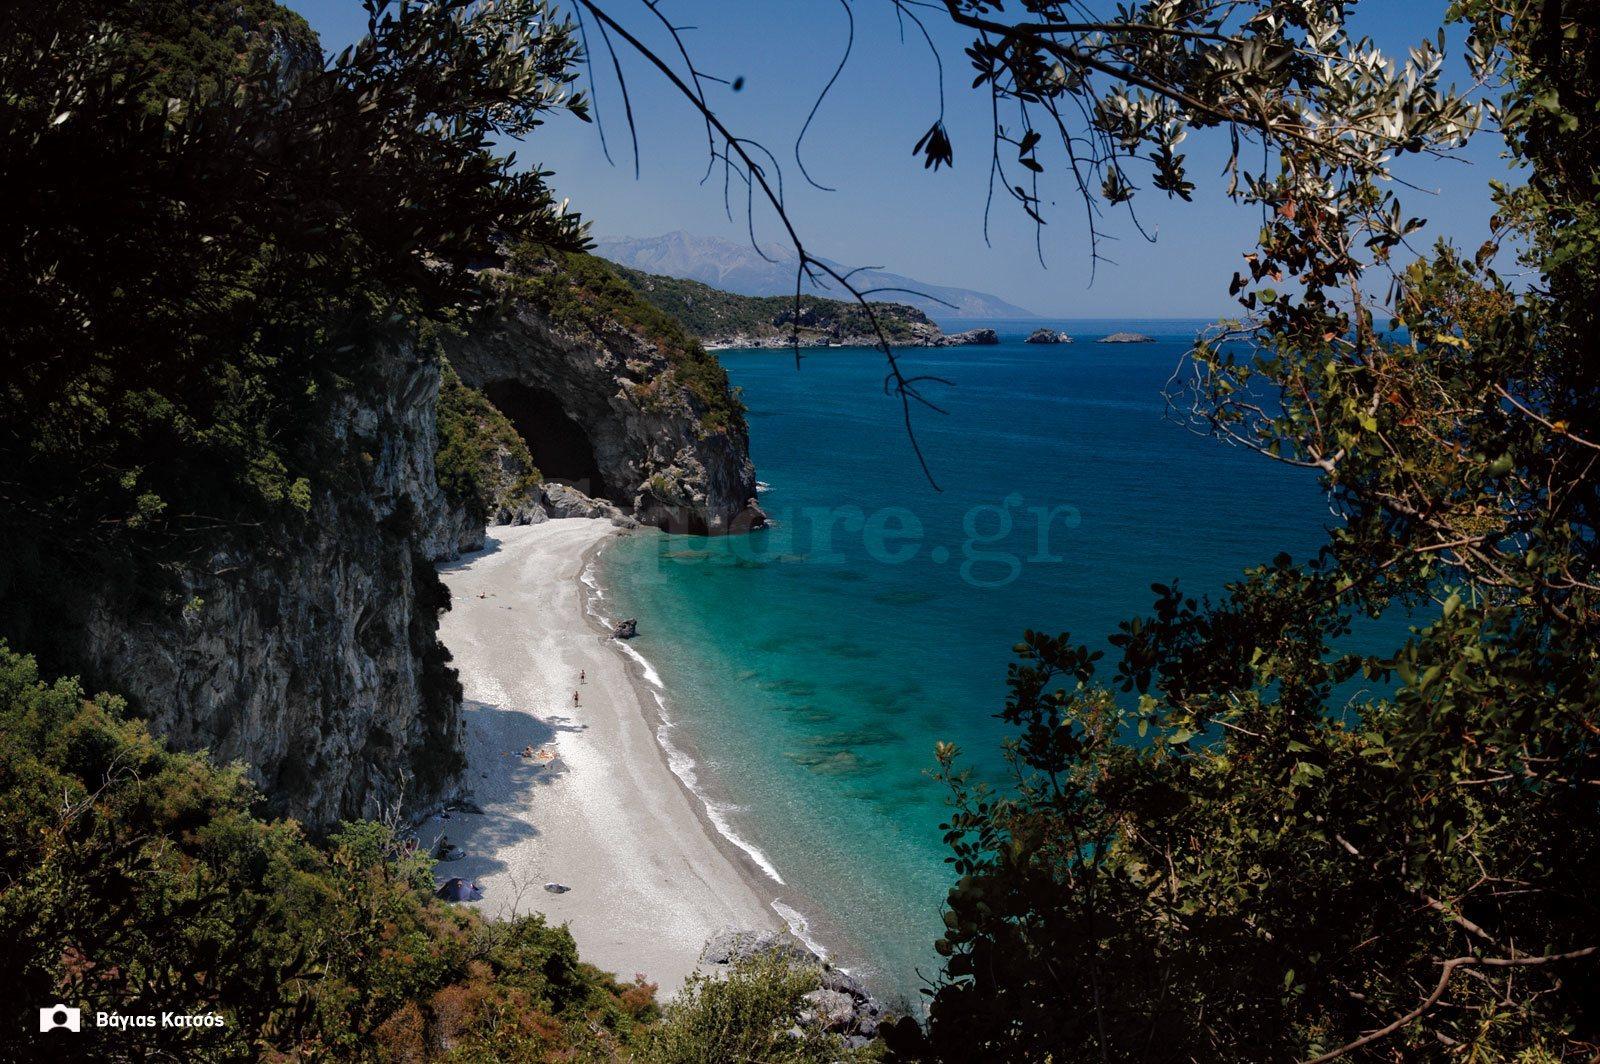 Παραλία-Αναμάκι-δίπλα-στη-Χιλιαδού-στην-κεντρική-Εύβοια-2